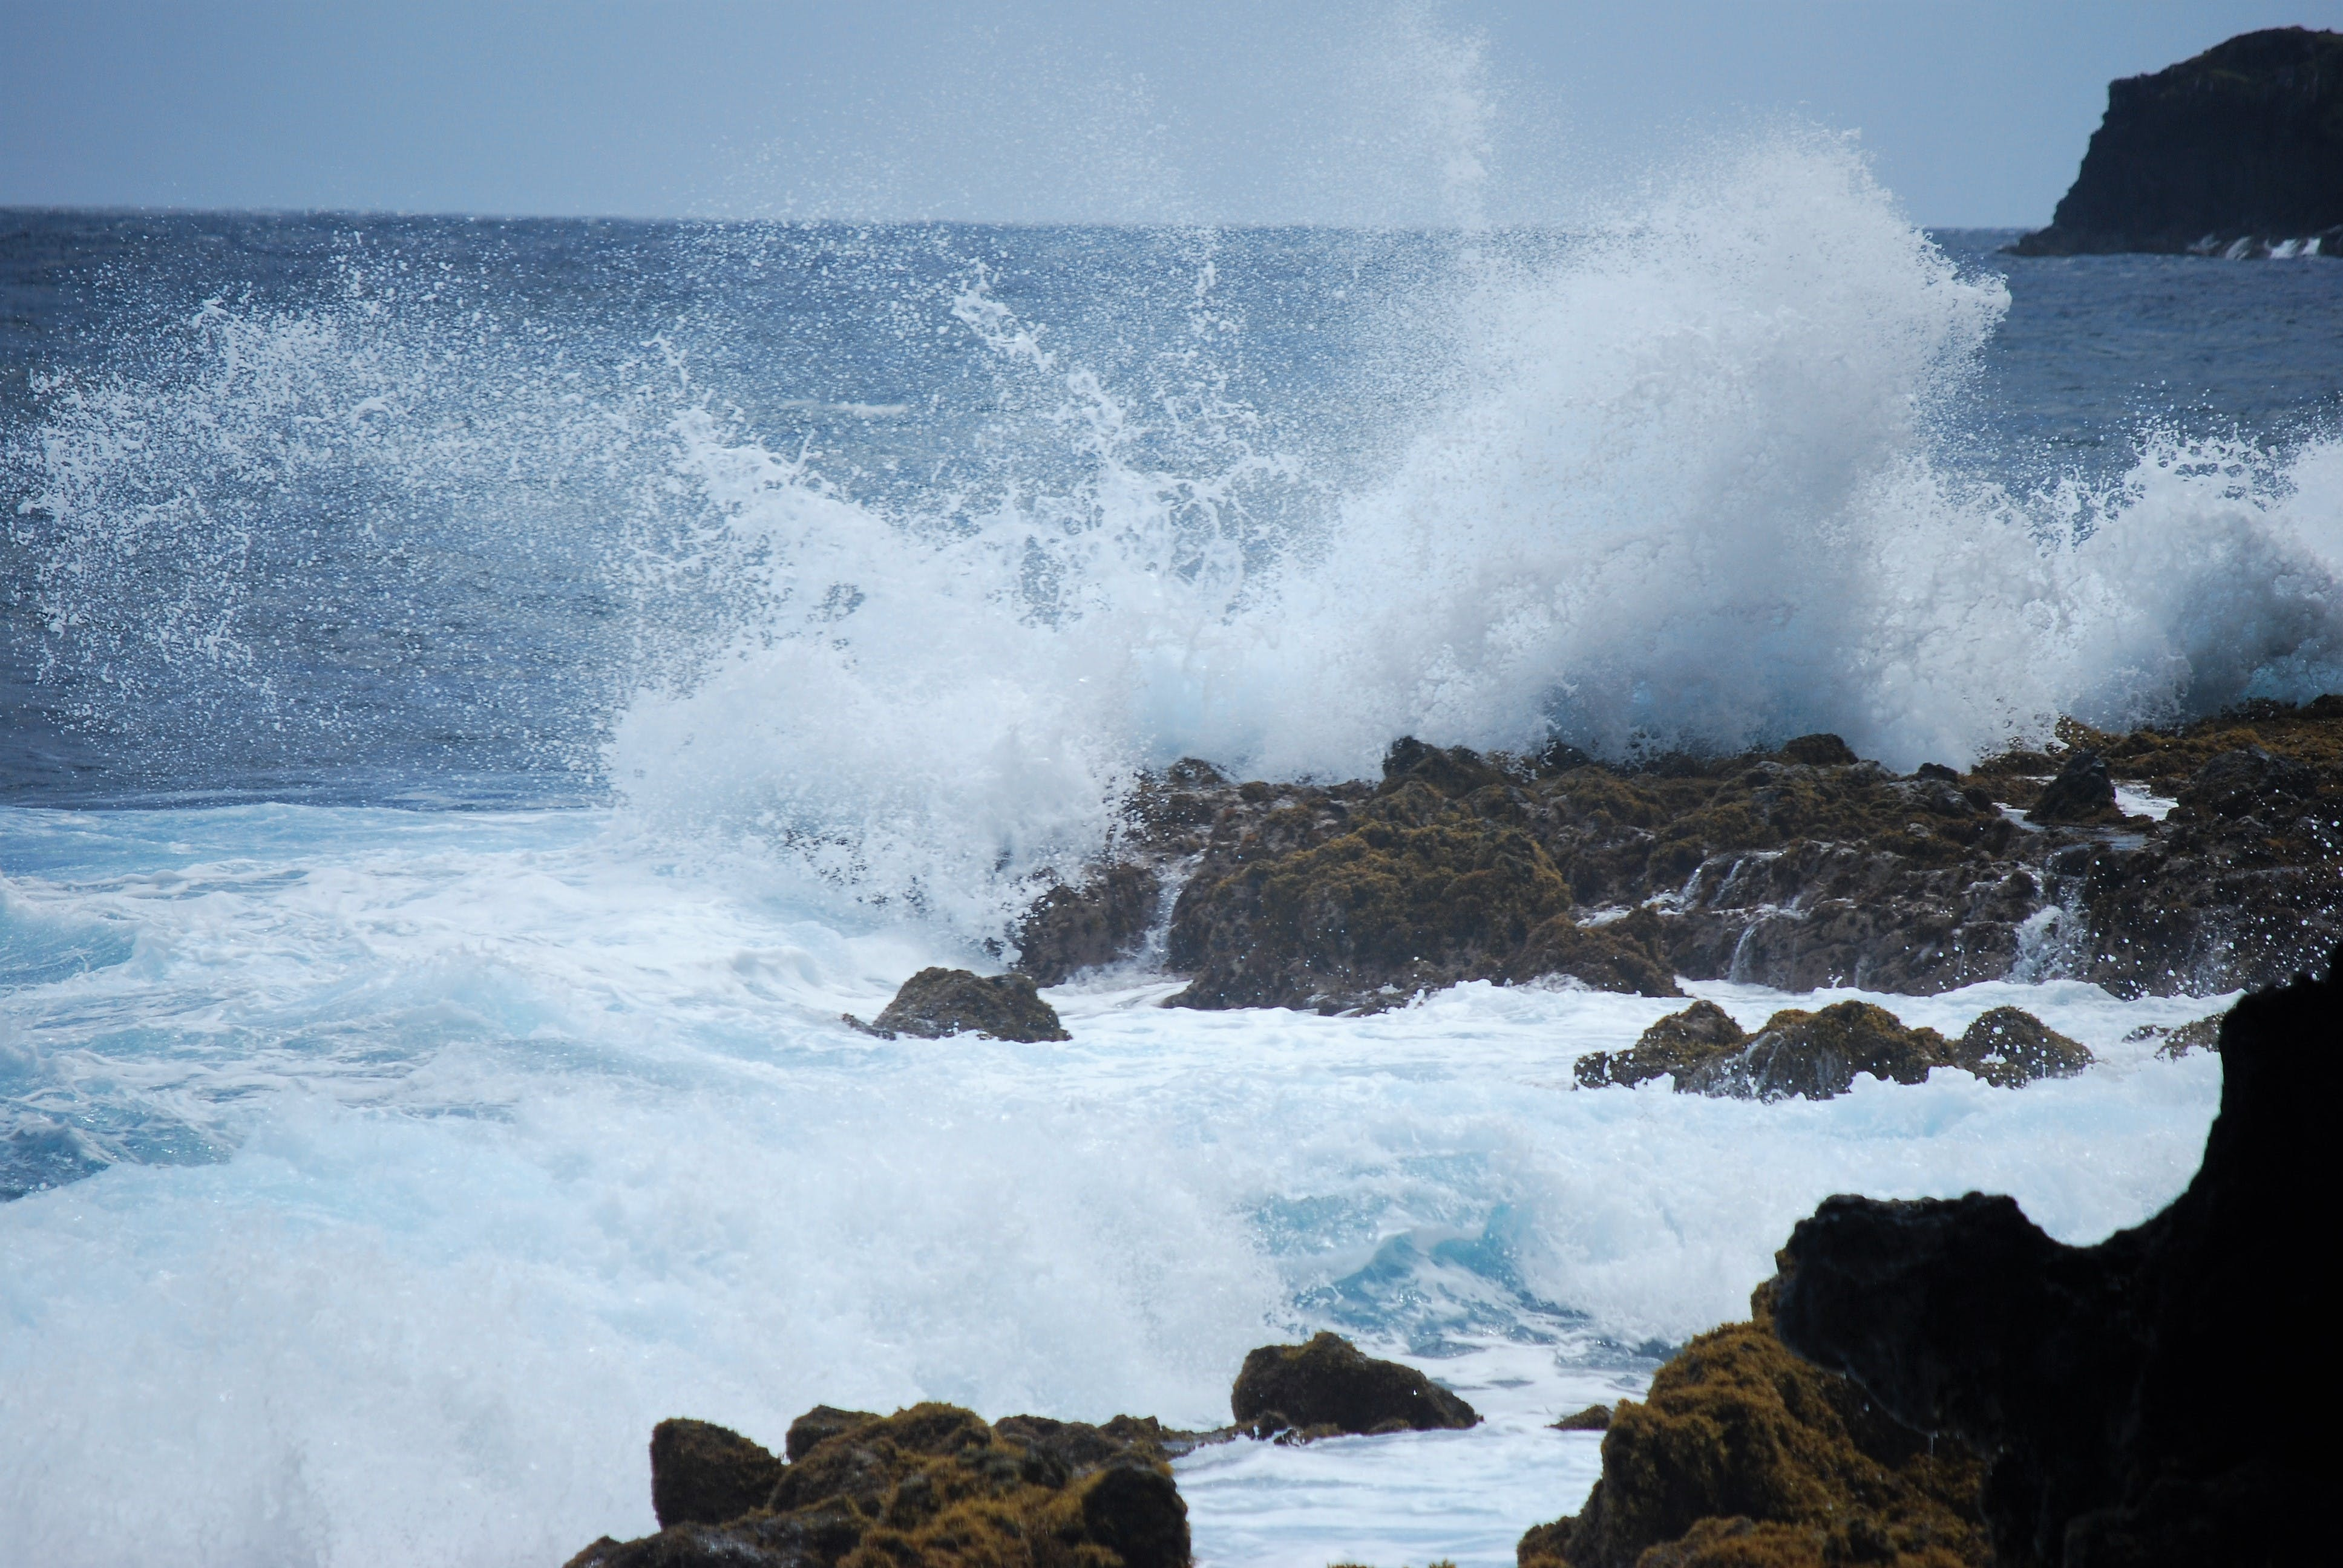 Gratis lagerfoto af bølger, hana hwy, hvide bølger, keanae